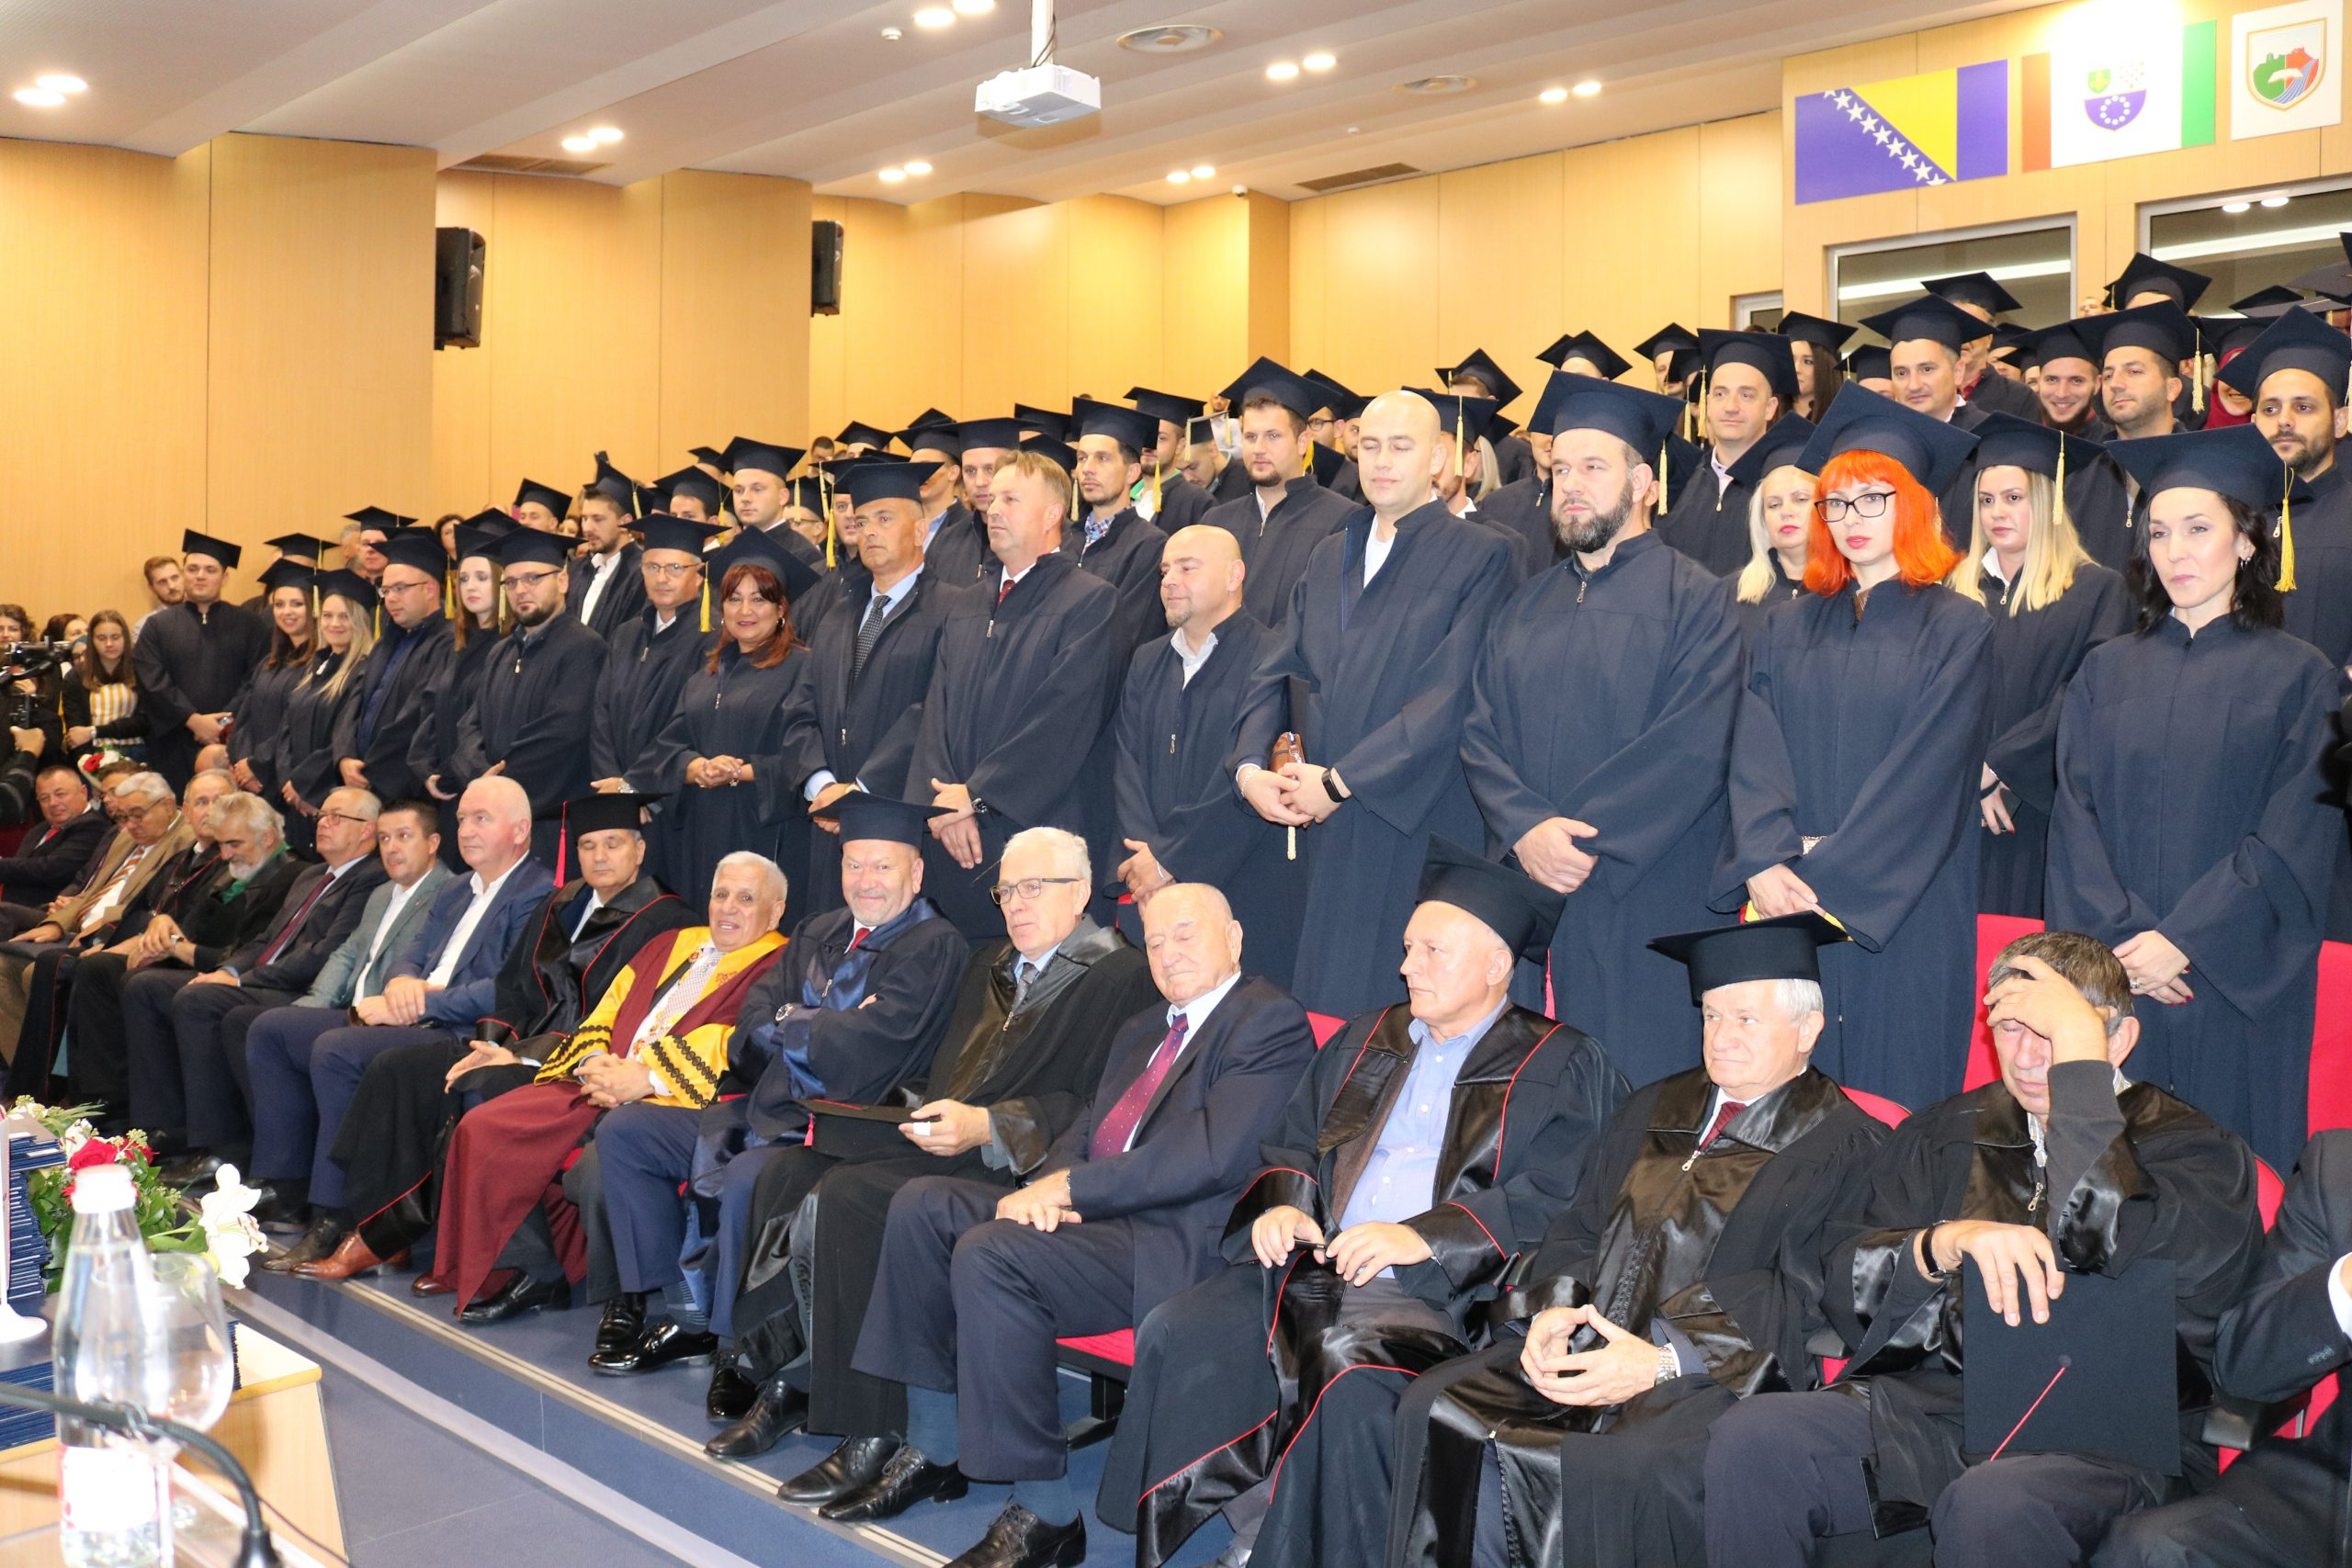 Obavijest Za Diplomirane Studente O Načinu Preuzimanja Diploma